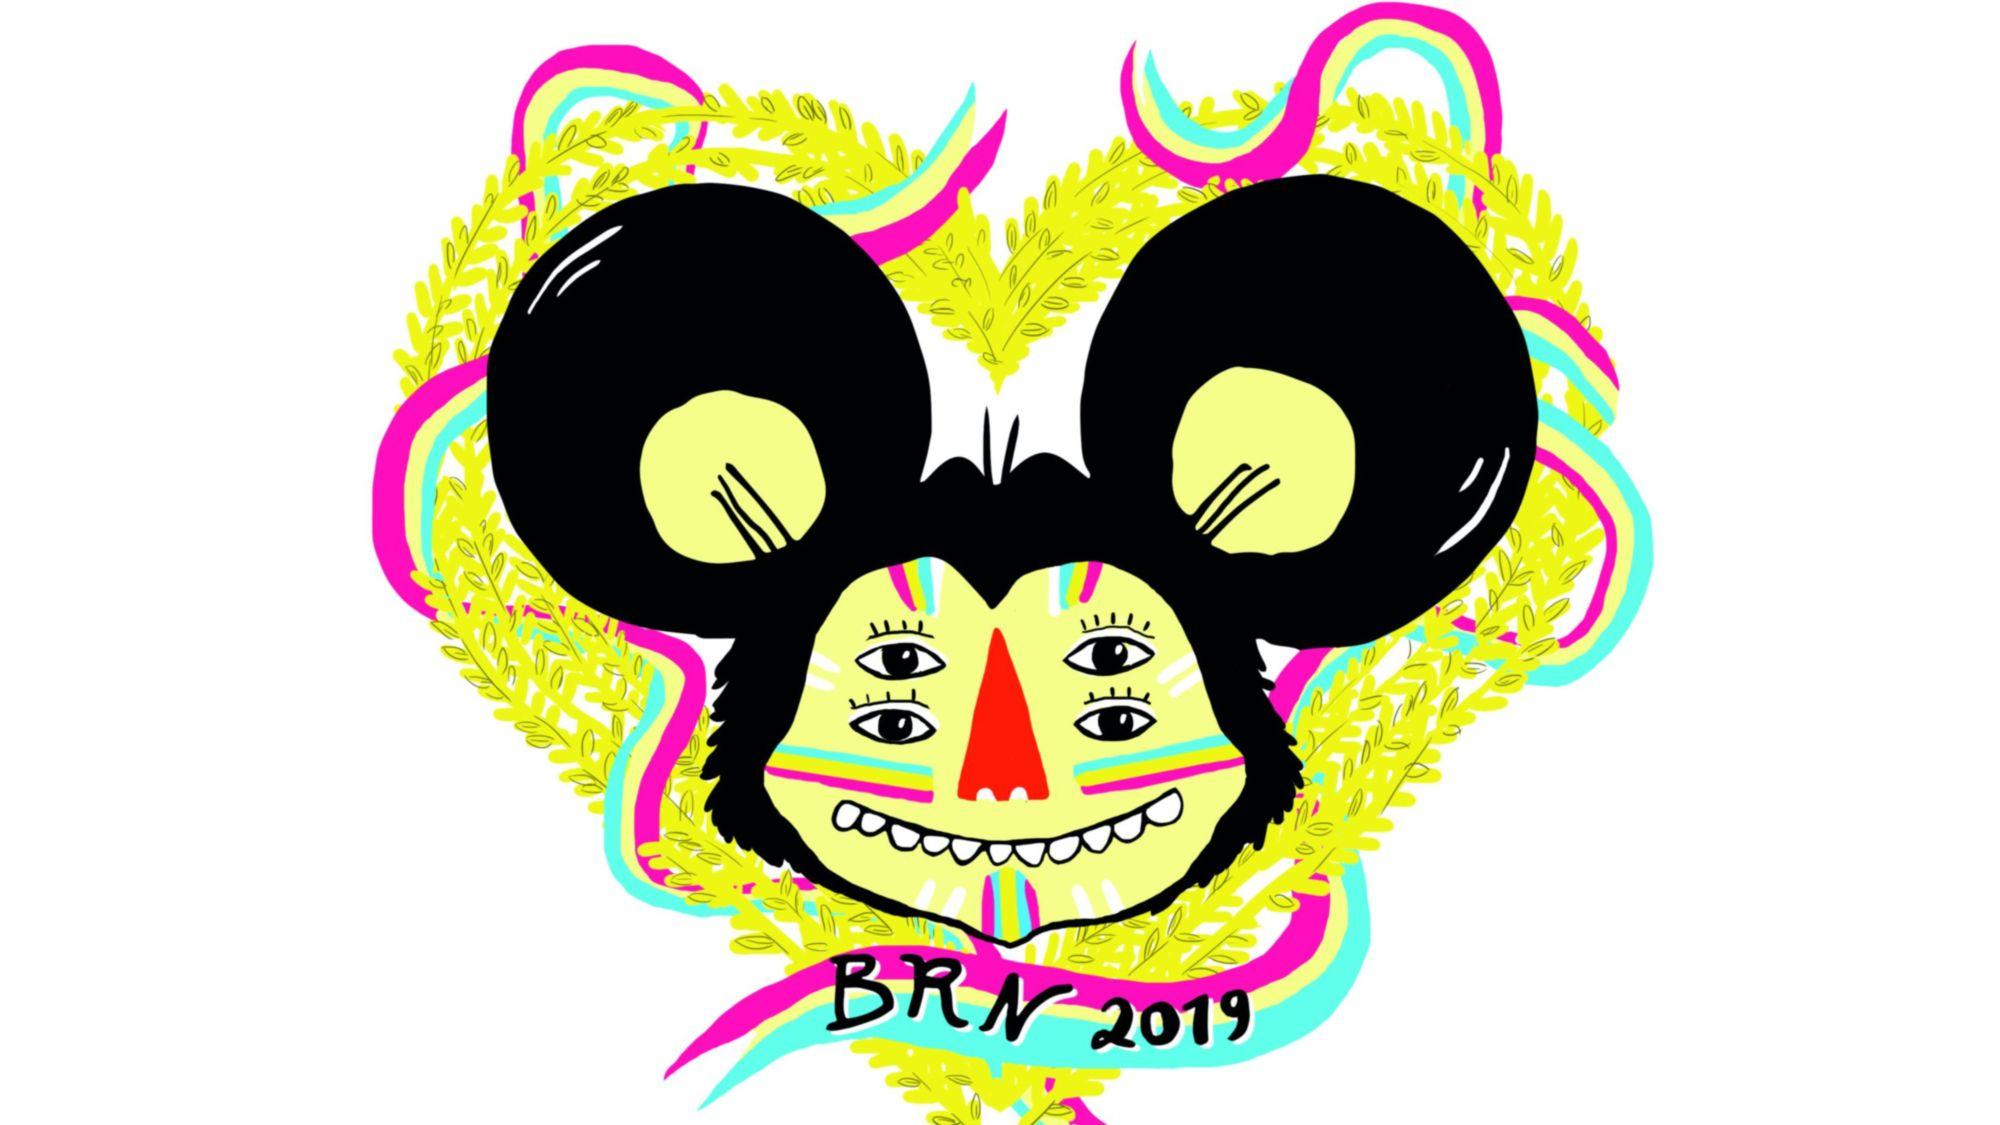 Die diesjährige BRN-Maus hat die Zeichnerin Muah entworfen.